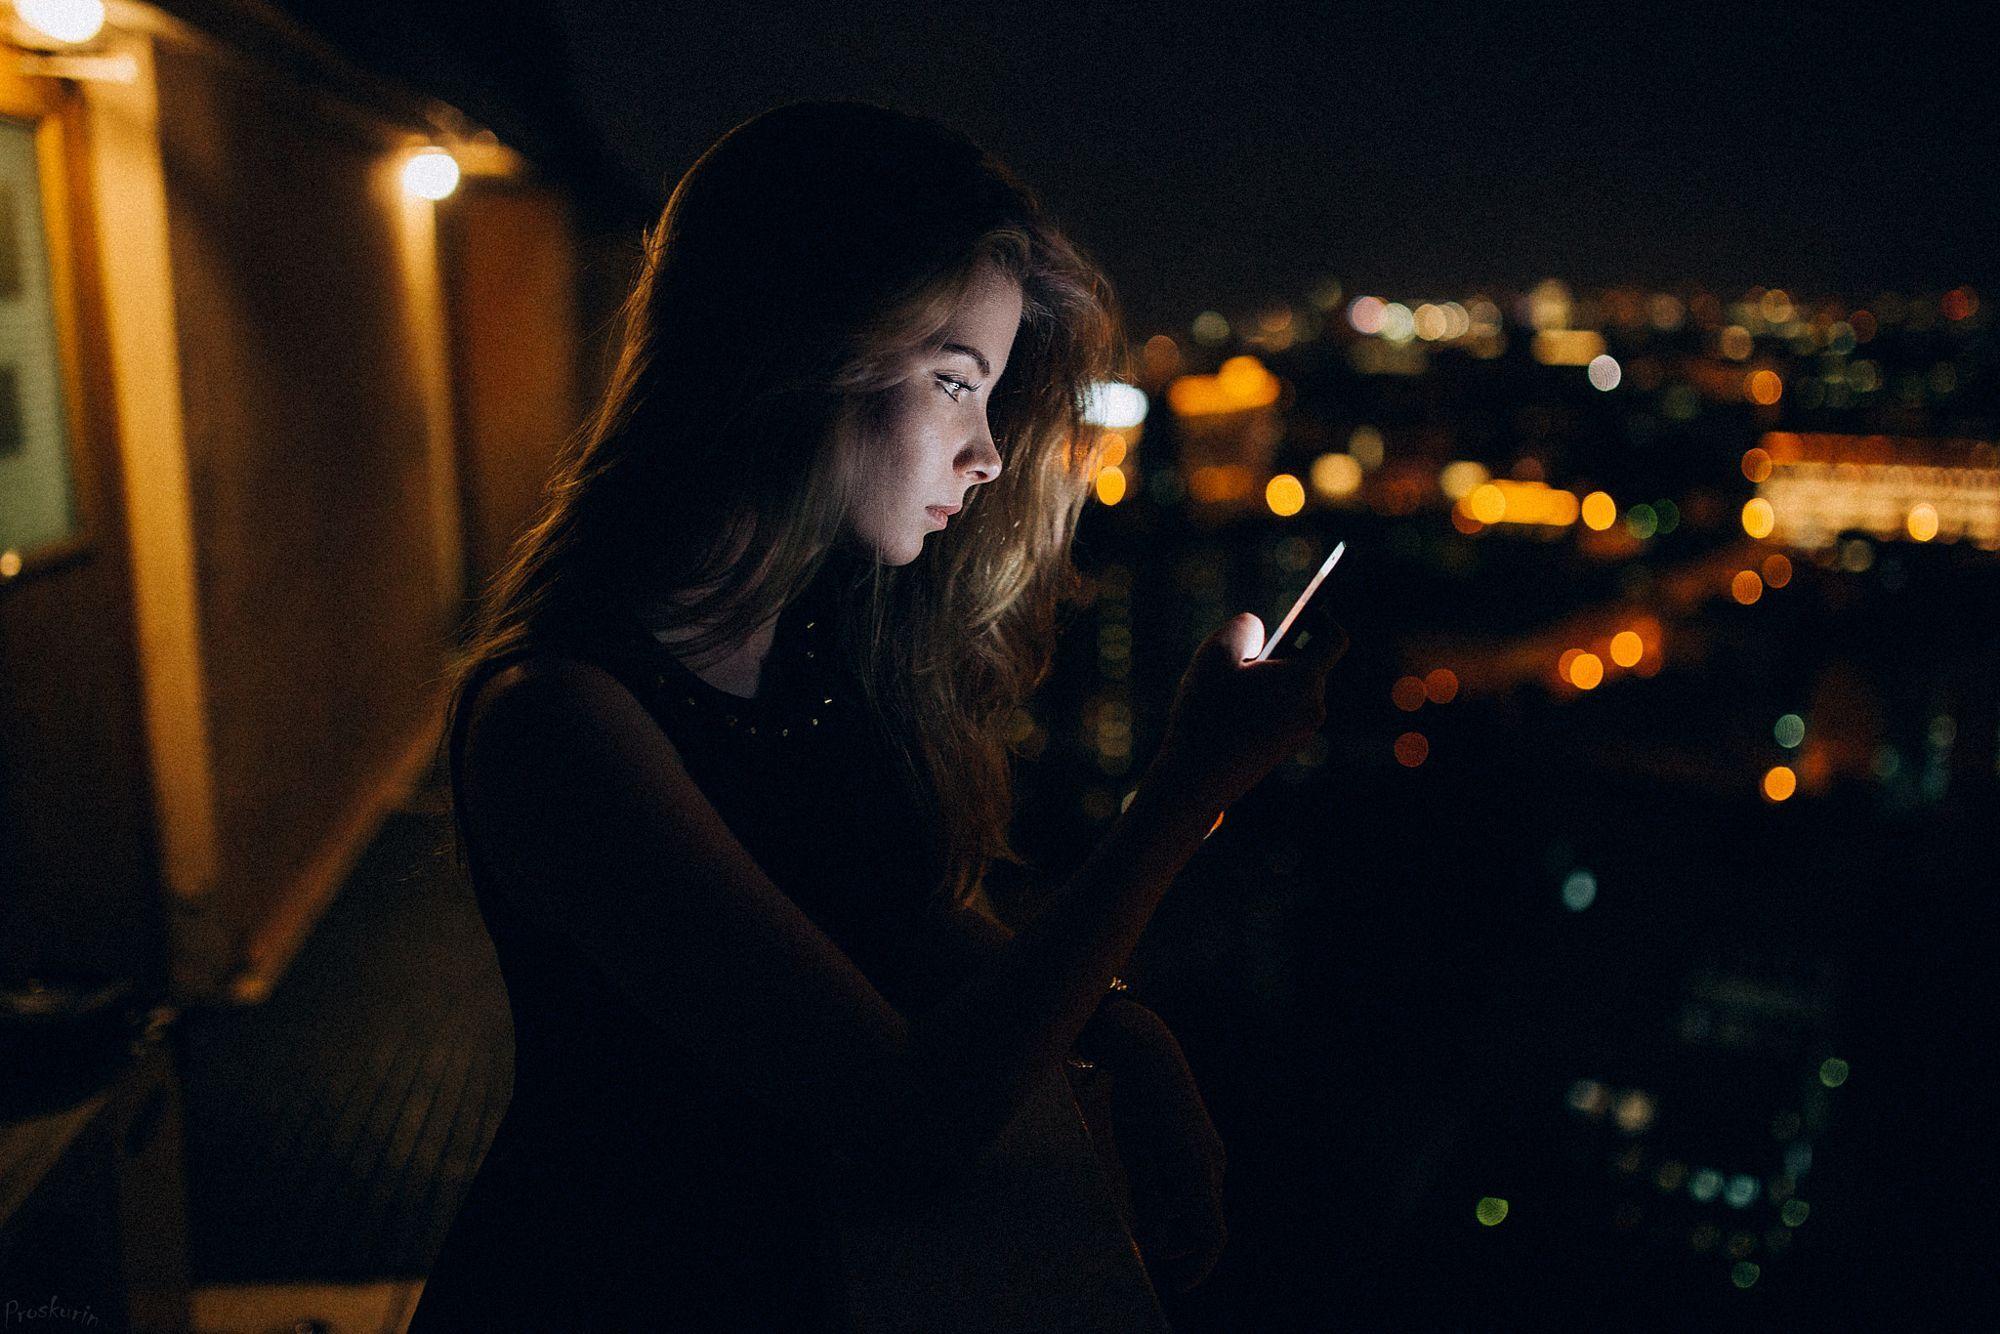 Картинка ночью с телефоном